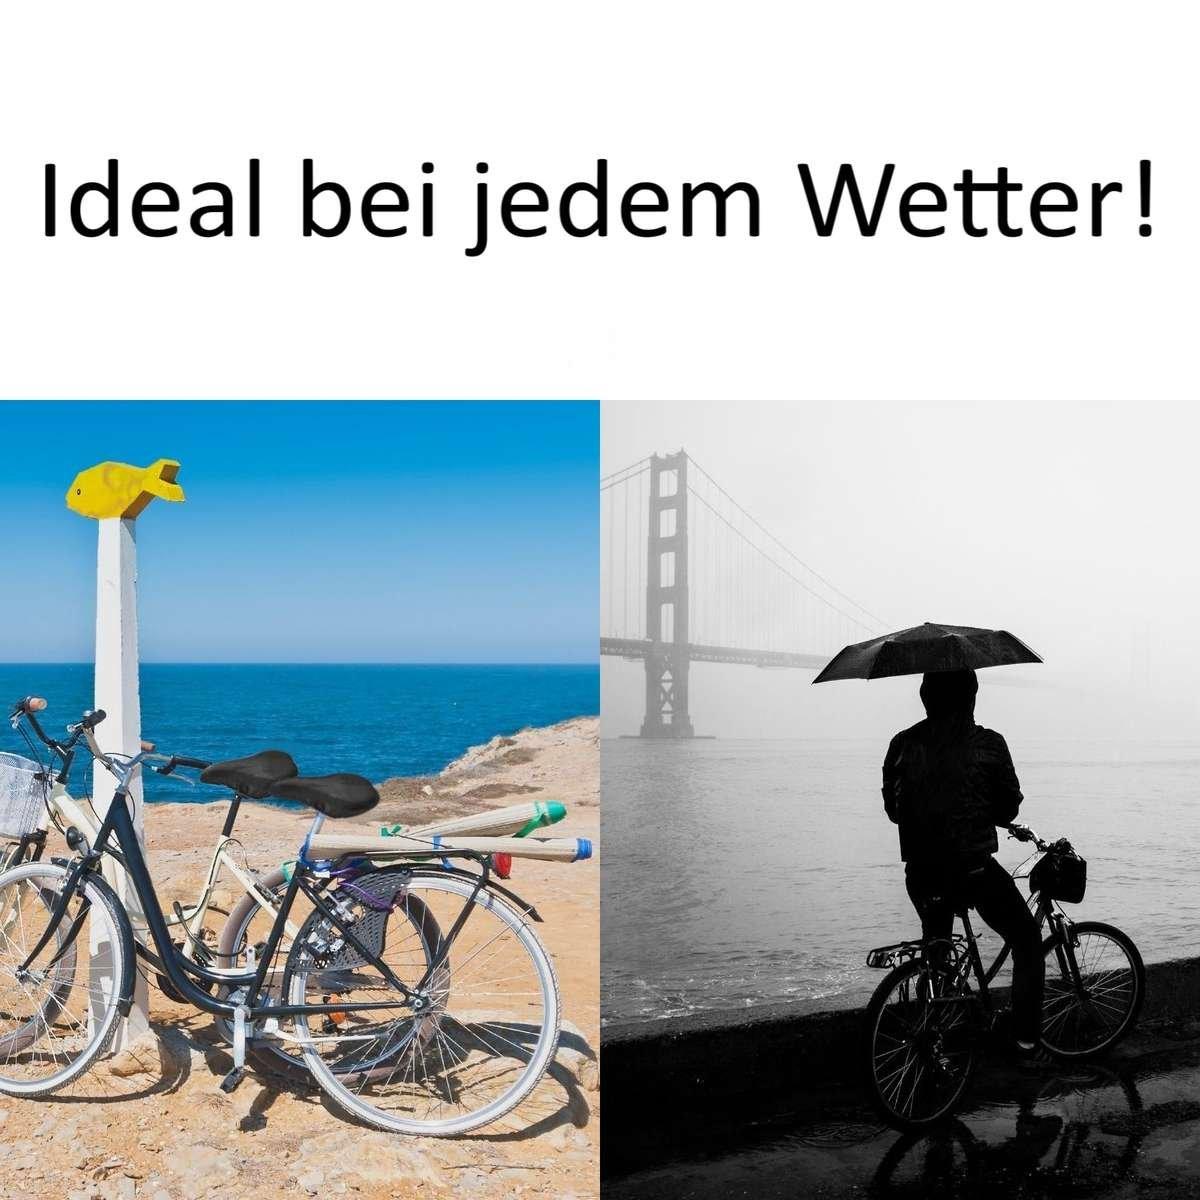 Fahrradsattelschutz im Onlineshop bestellen. Toller Sattel Regenschutz fürs Fahrrad in premium Qualität kaufen.